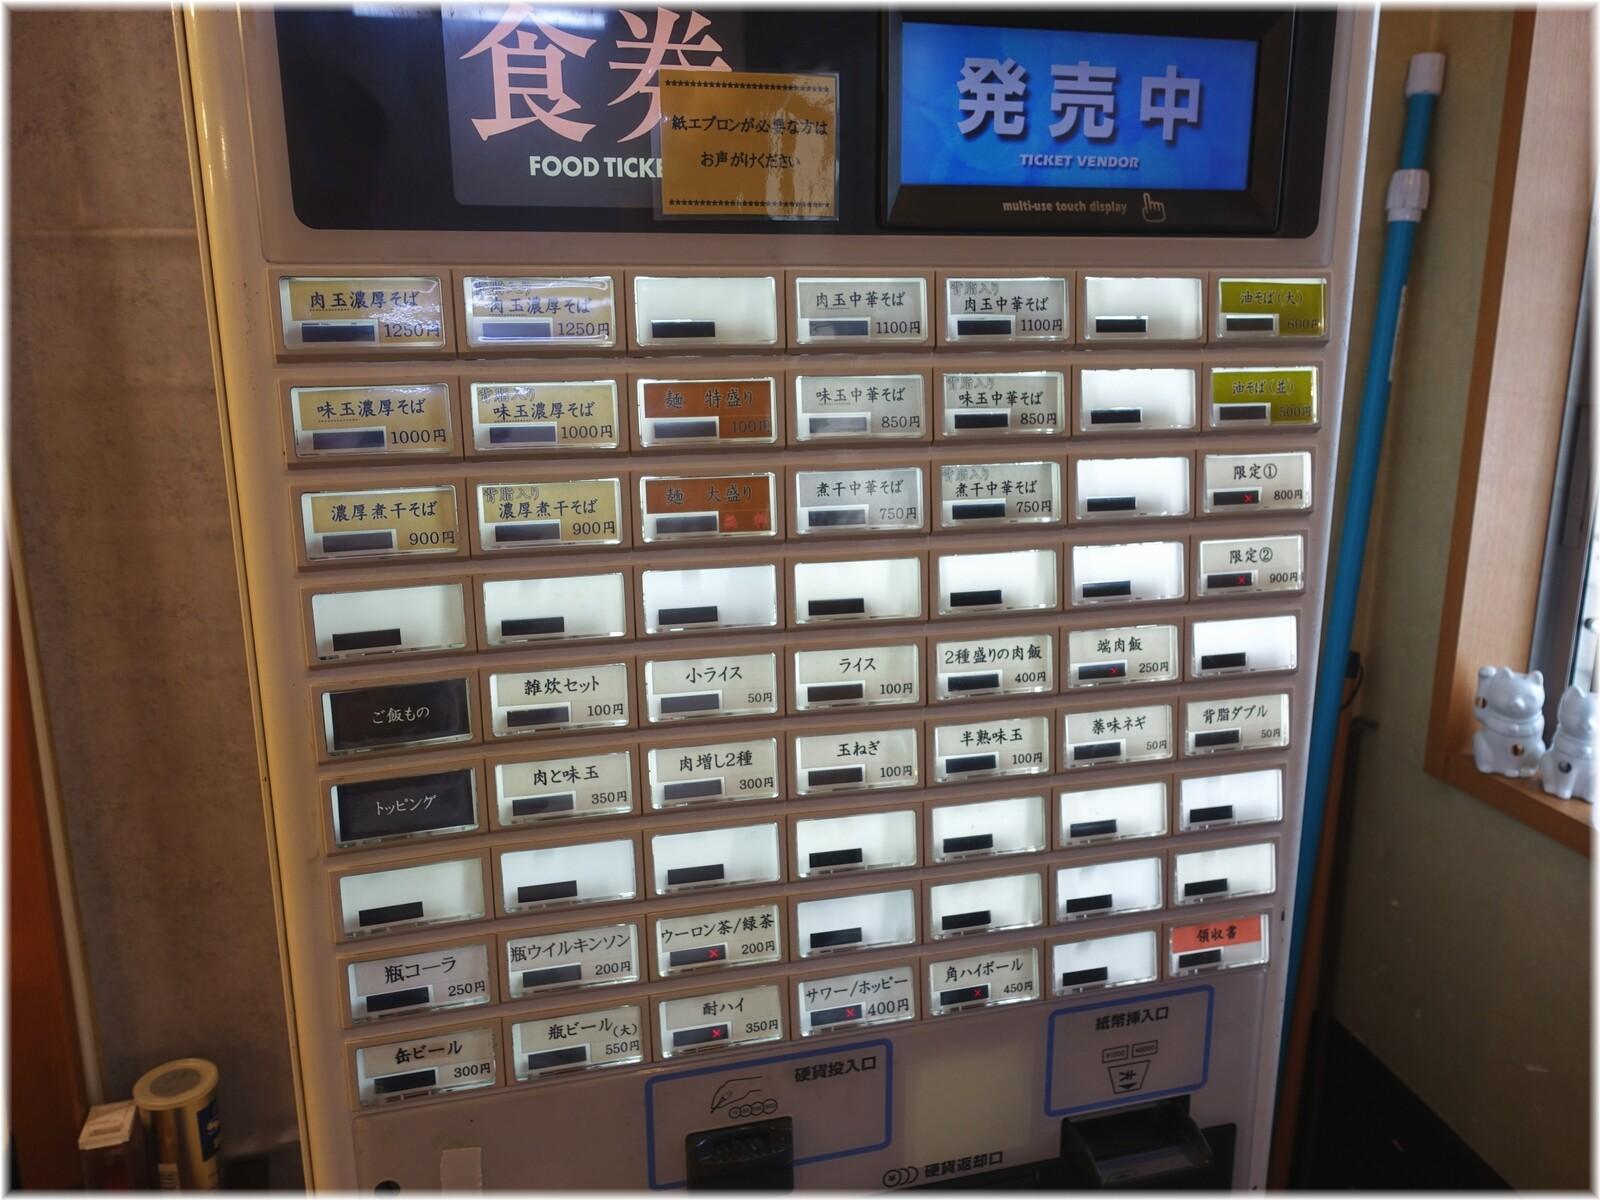 中華そば山下 食券機